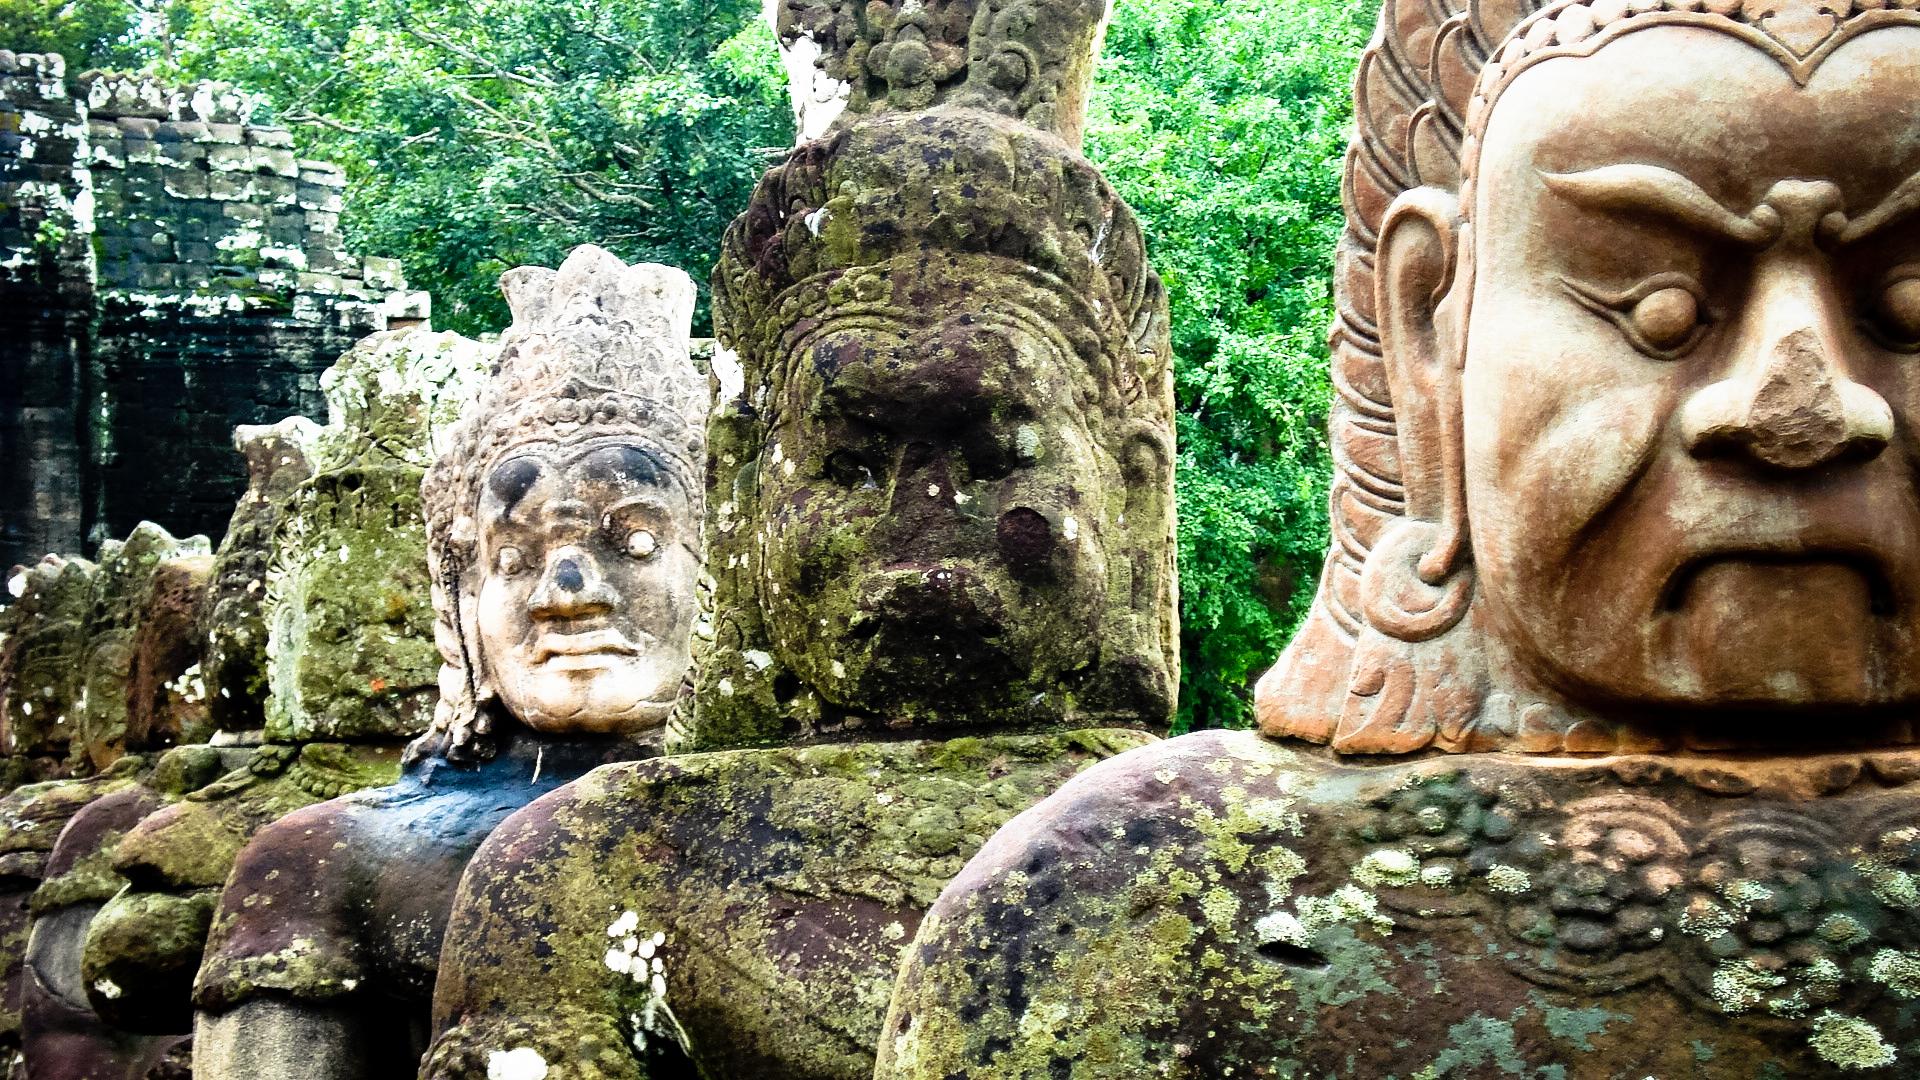 Angkor Wat statues, Cambodia